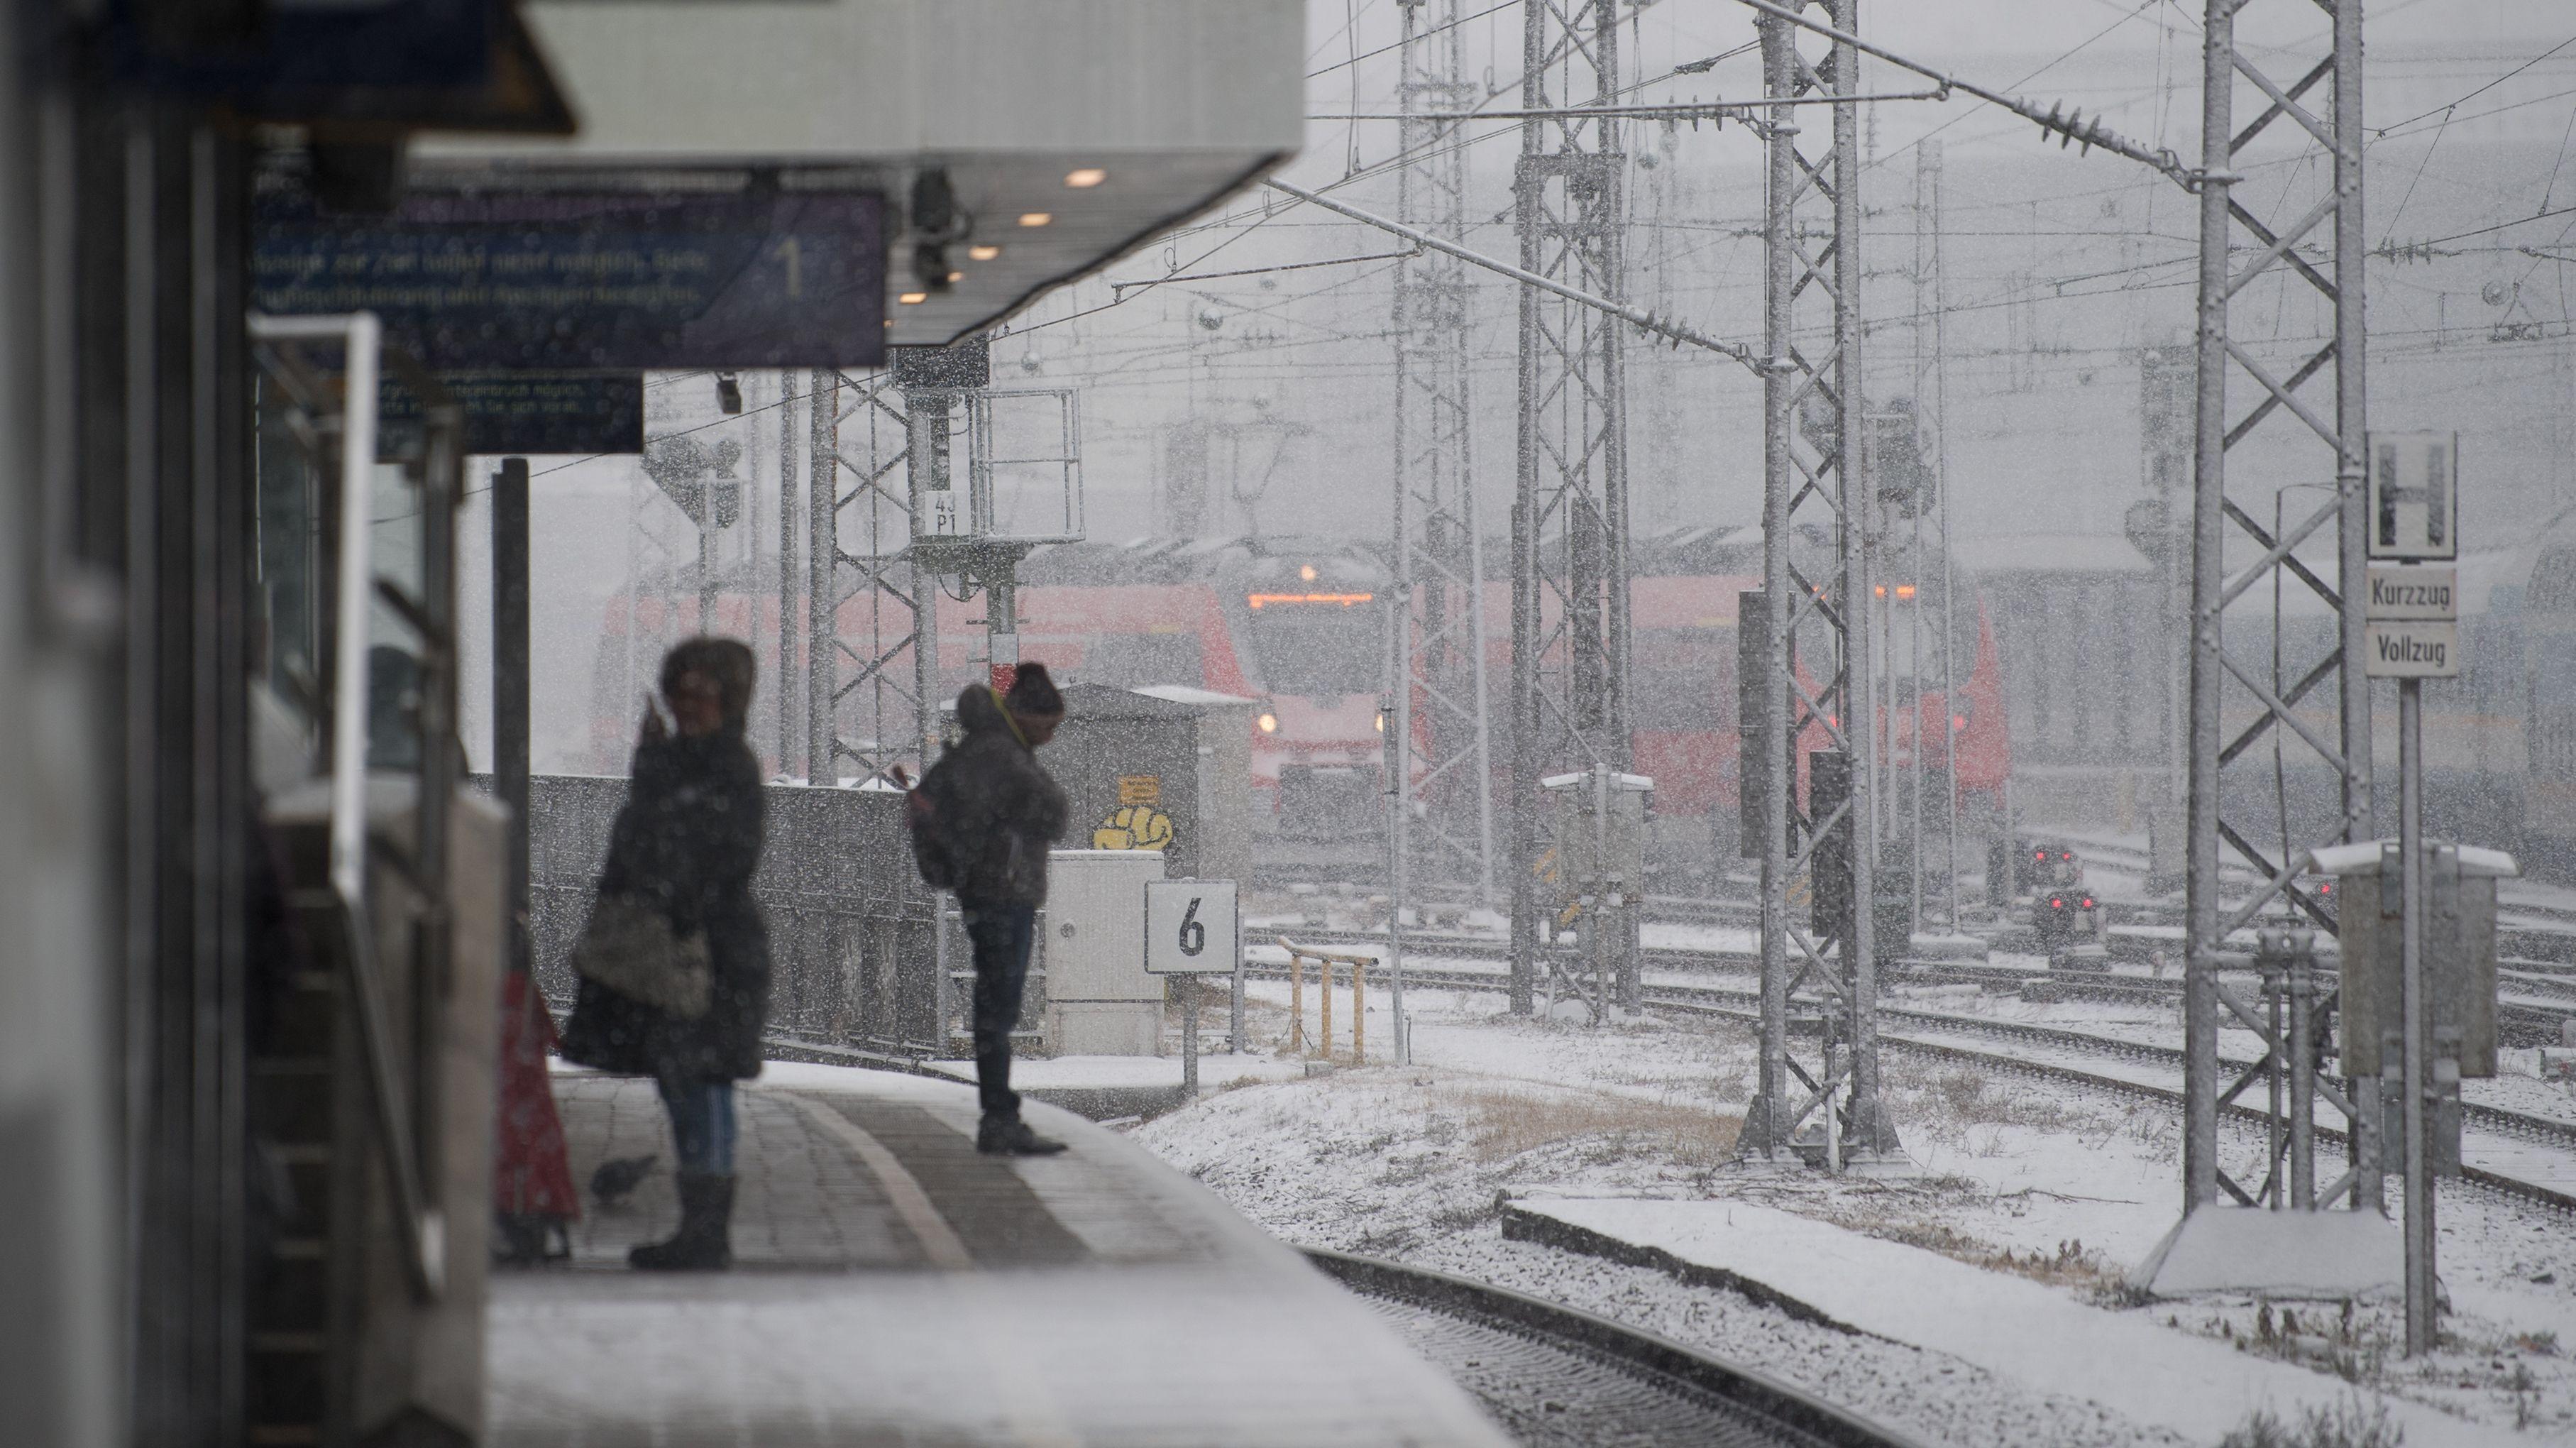 Fahrgäste warten bei Schnee auf einen Zug (Symbolbild)